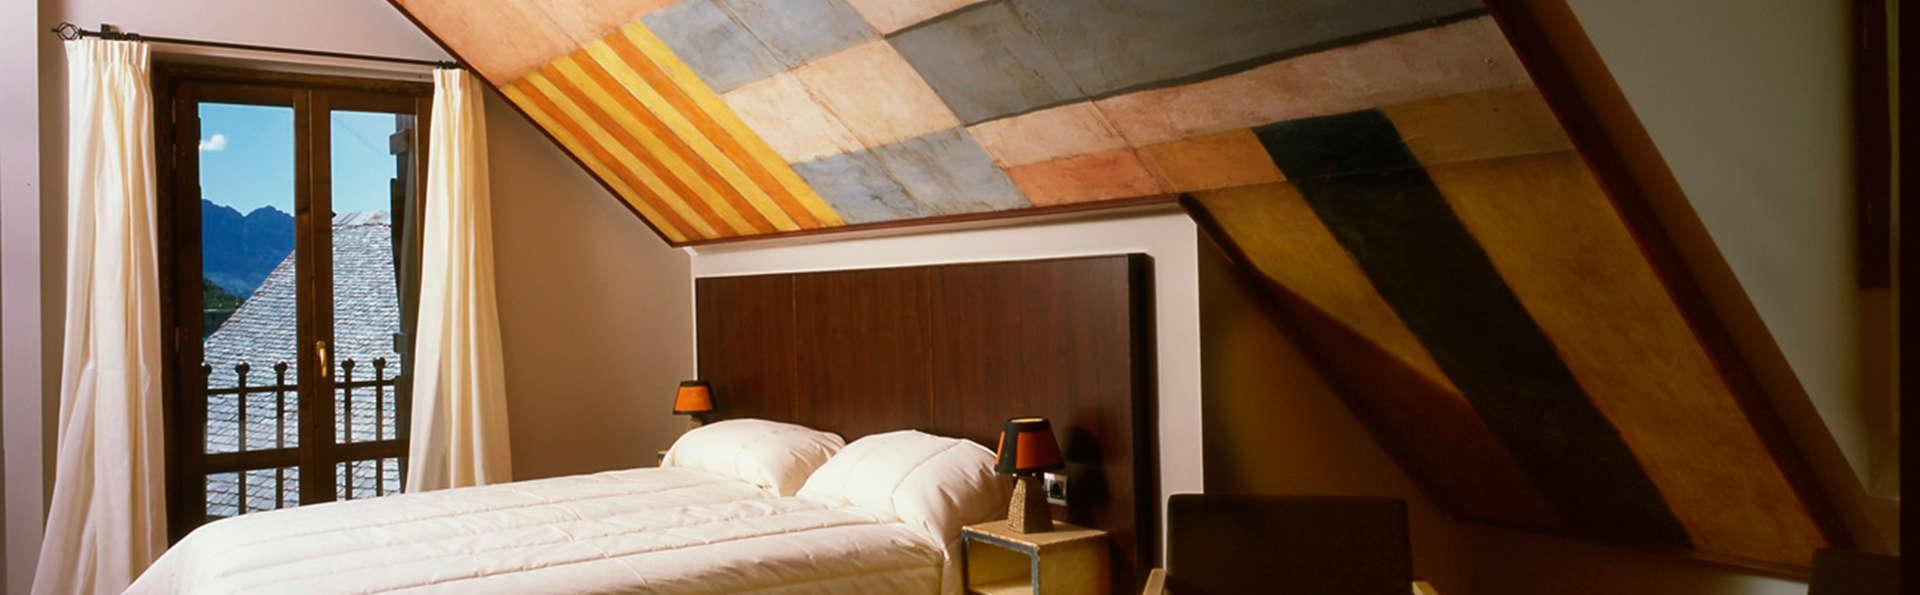 Paisajes idílicos, cava y bañera de hidromasaje en la habitación en el Valle de Tena